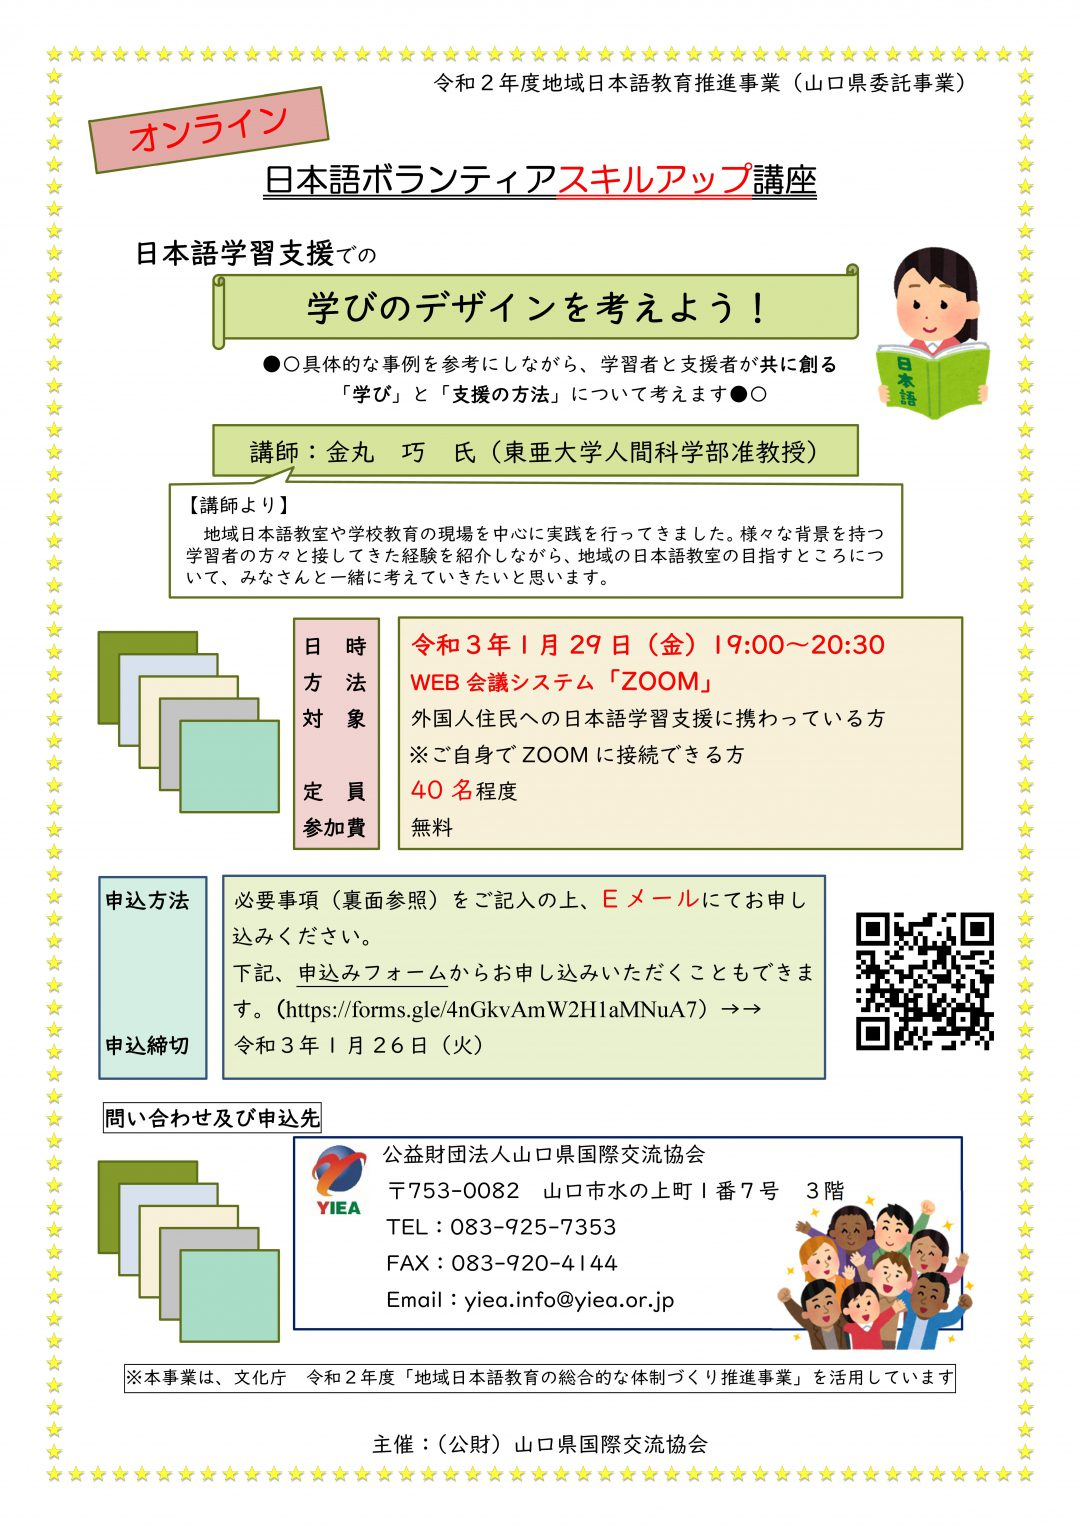 画像:令和2年度地域日本語教育推進事業「日本語ボランティアスキルアップ講座(オンライン)」を開催します♬